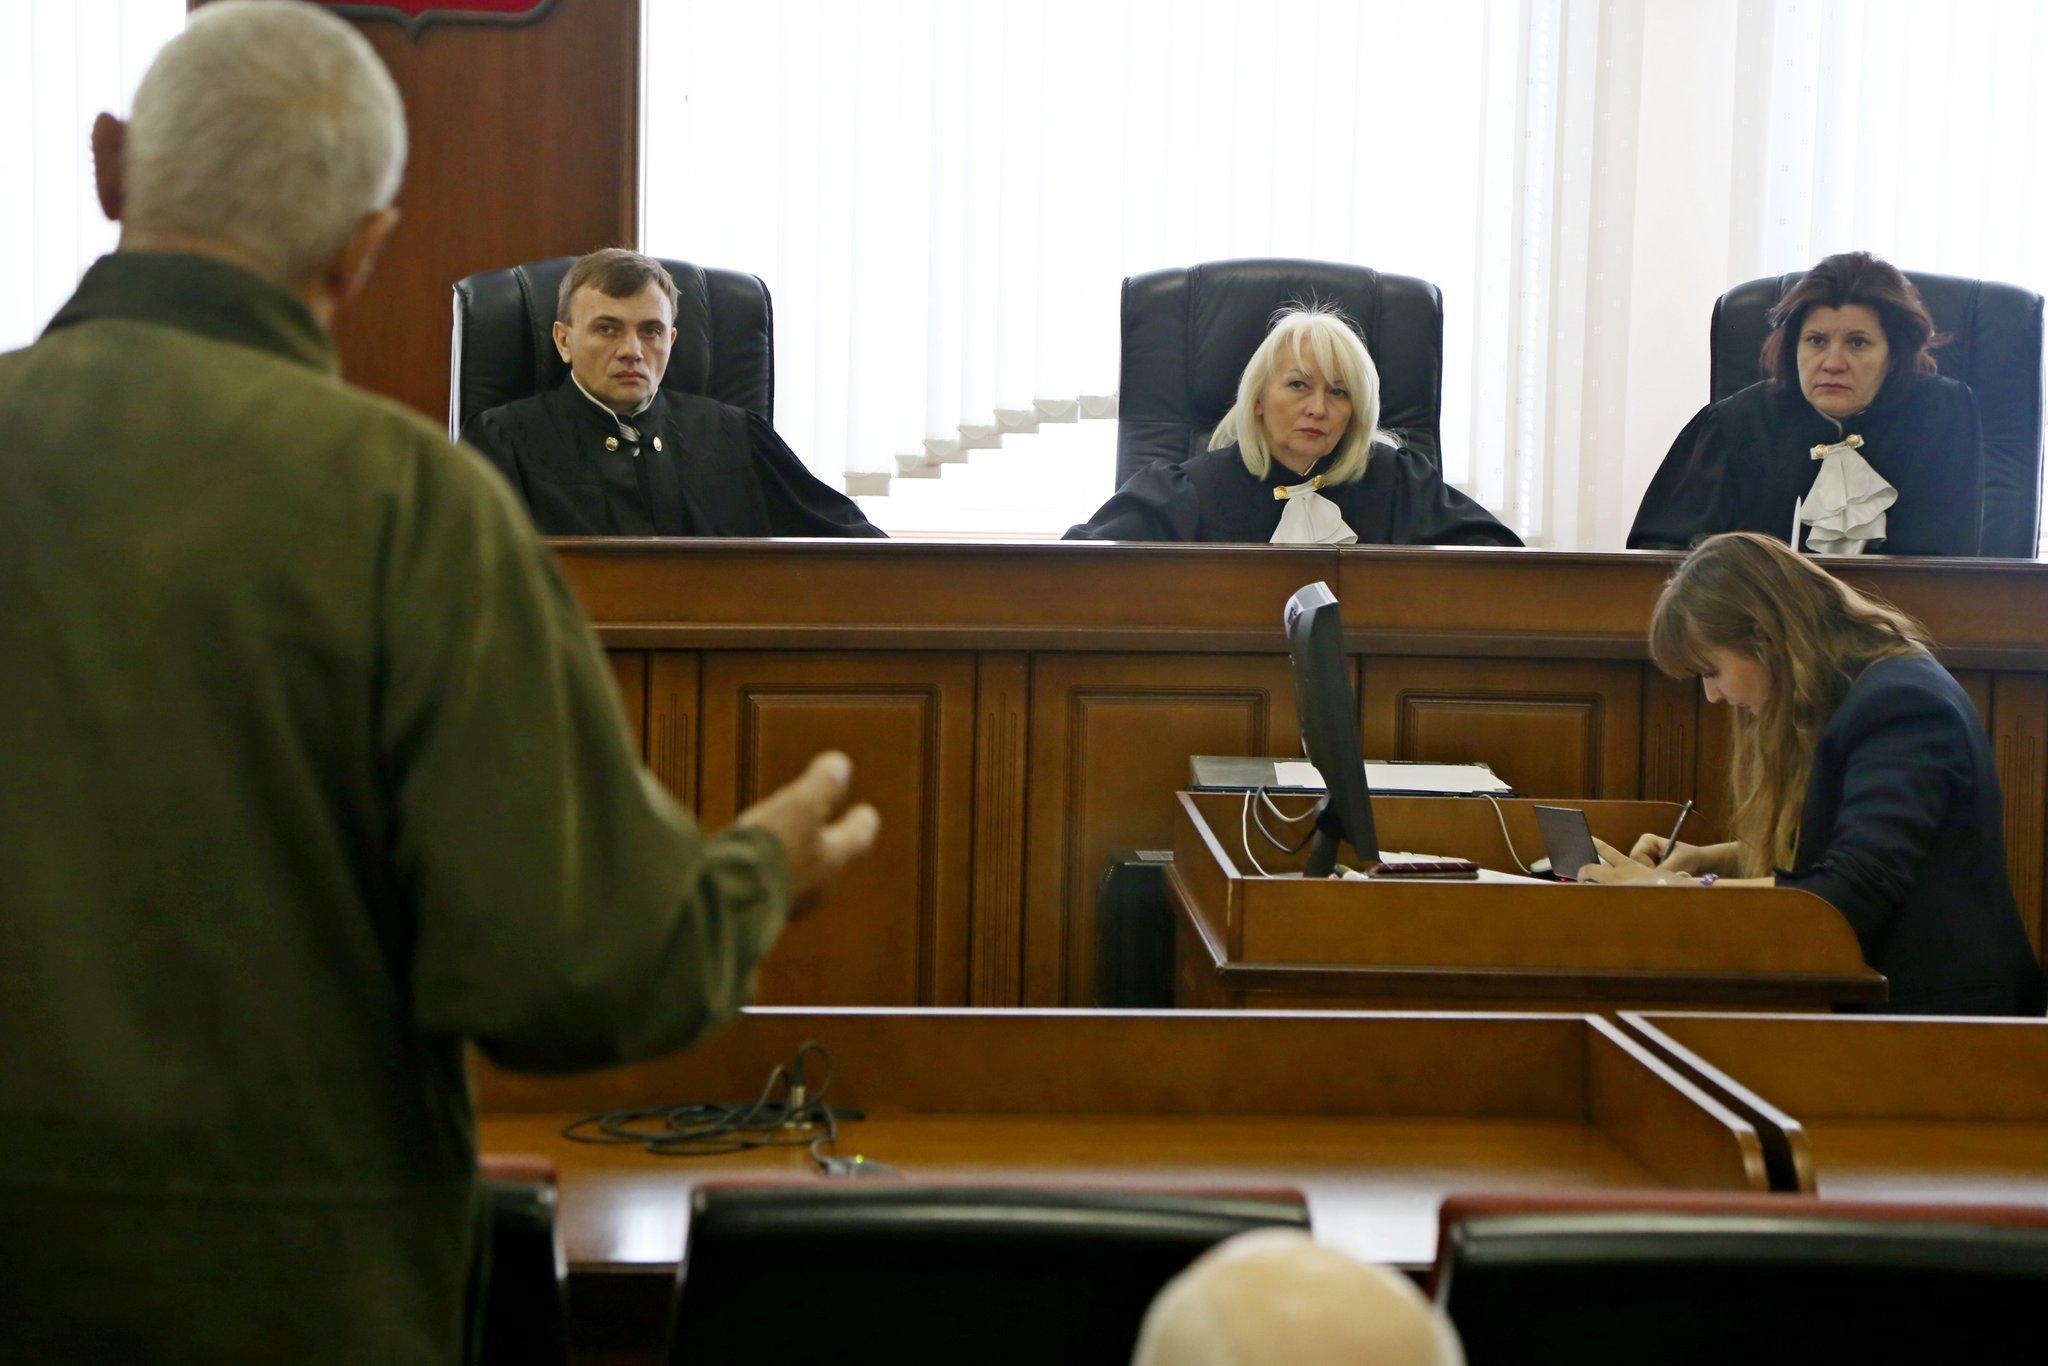 Эксперт может подготовить заключение по поставленным вопросам, выступить в суде и дать пояснения.